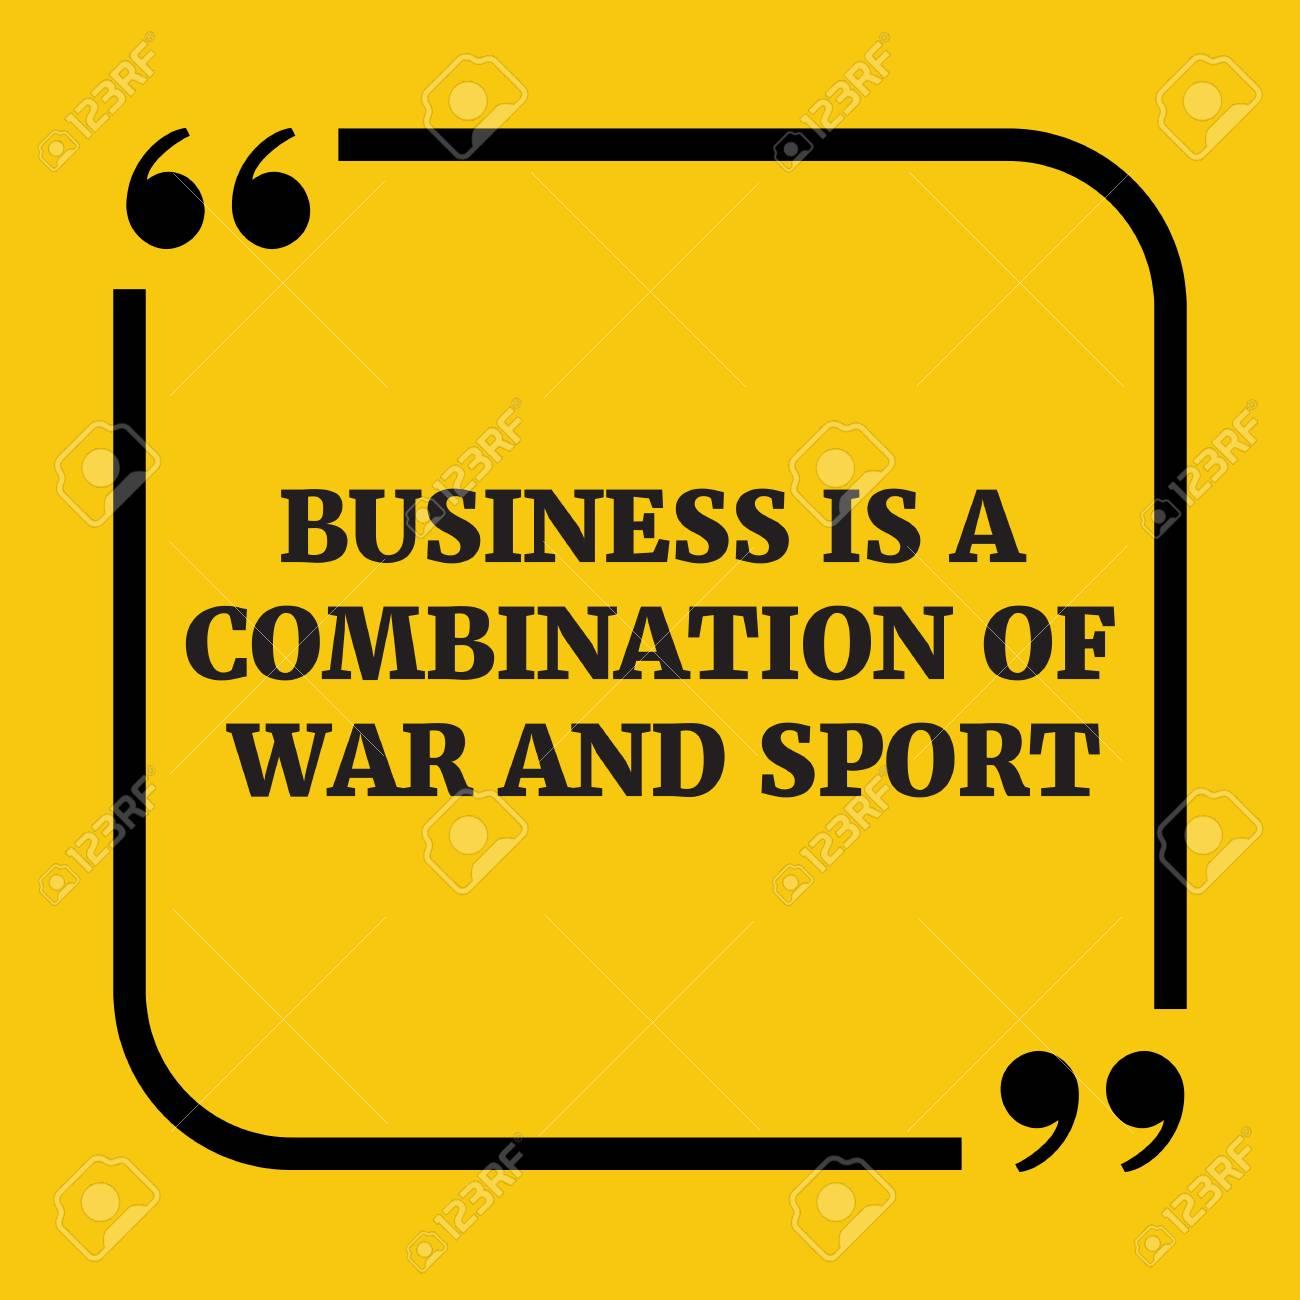 Cita Motivacional El Negocio Es Una Combinación De Guerra Y Deporte Sobre Fondo Amarillo